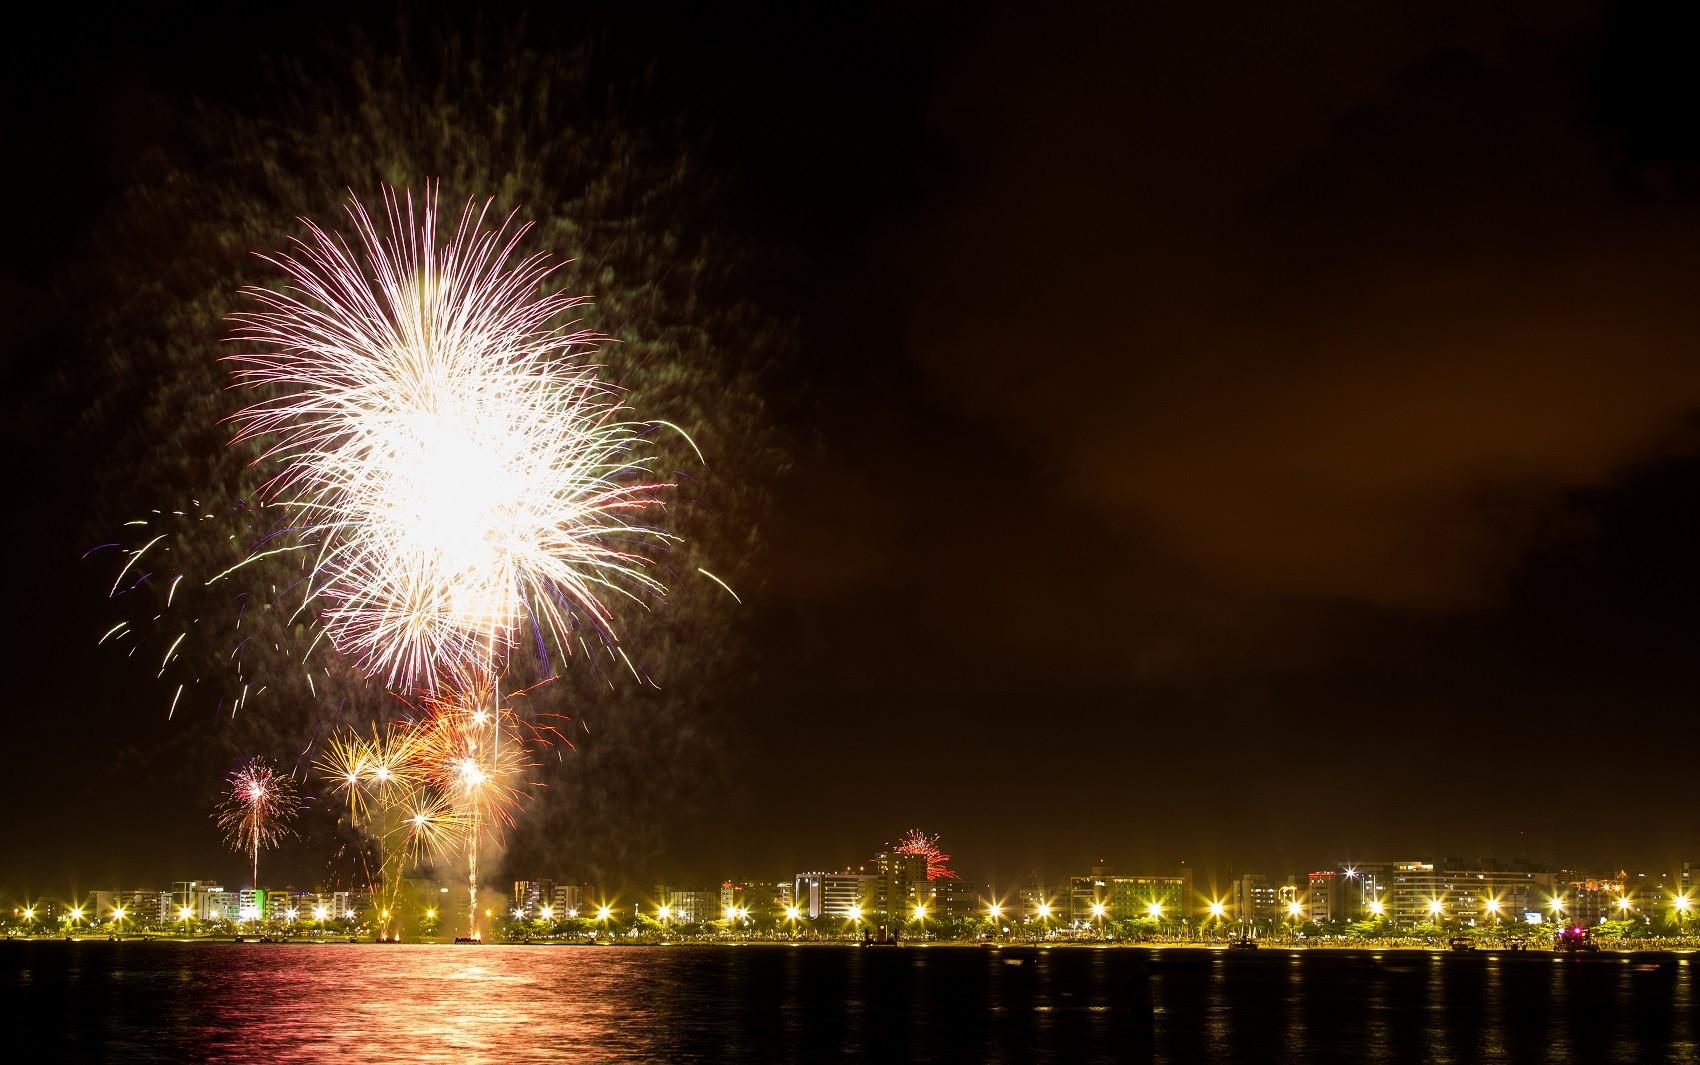 Após 18 meses de suspensão, governo autoriza retomada gradual de eventos em Alagoas a partir de outubro